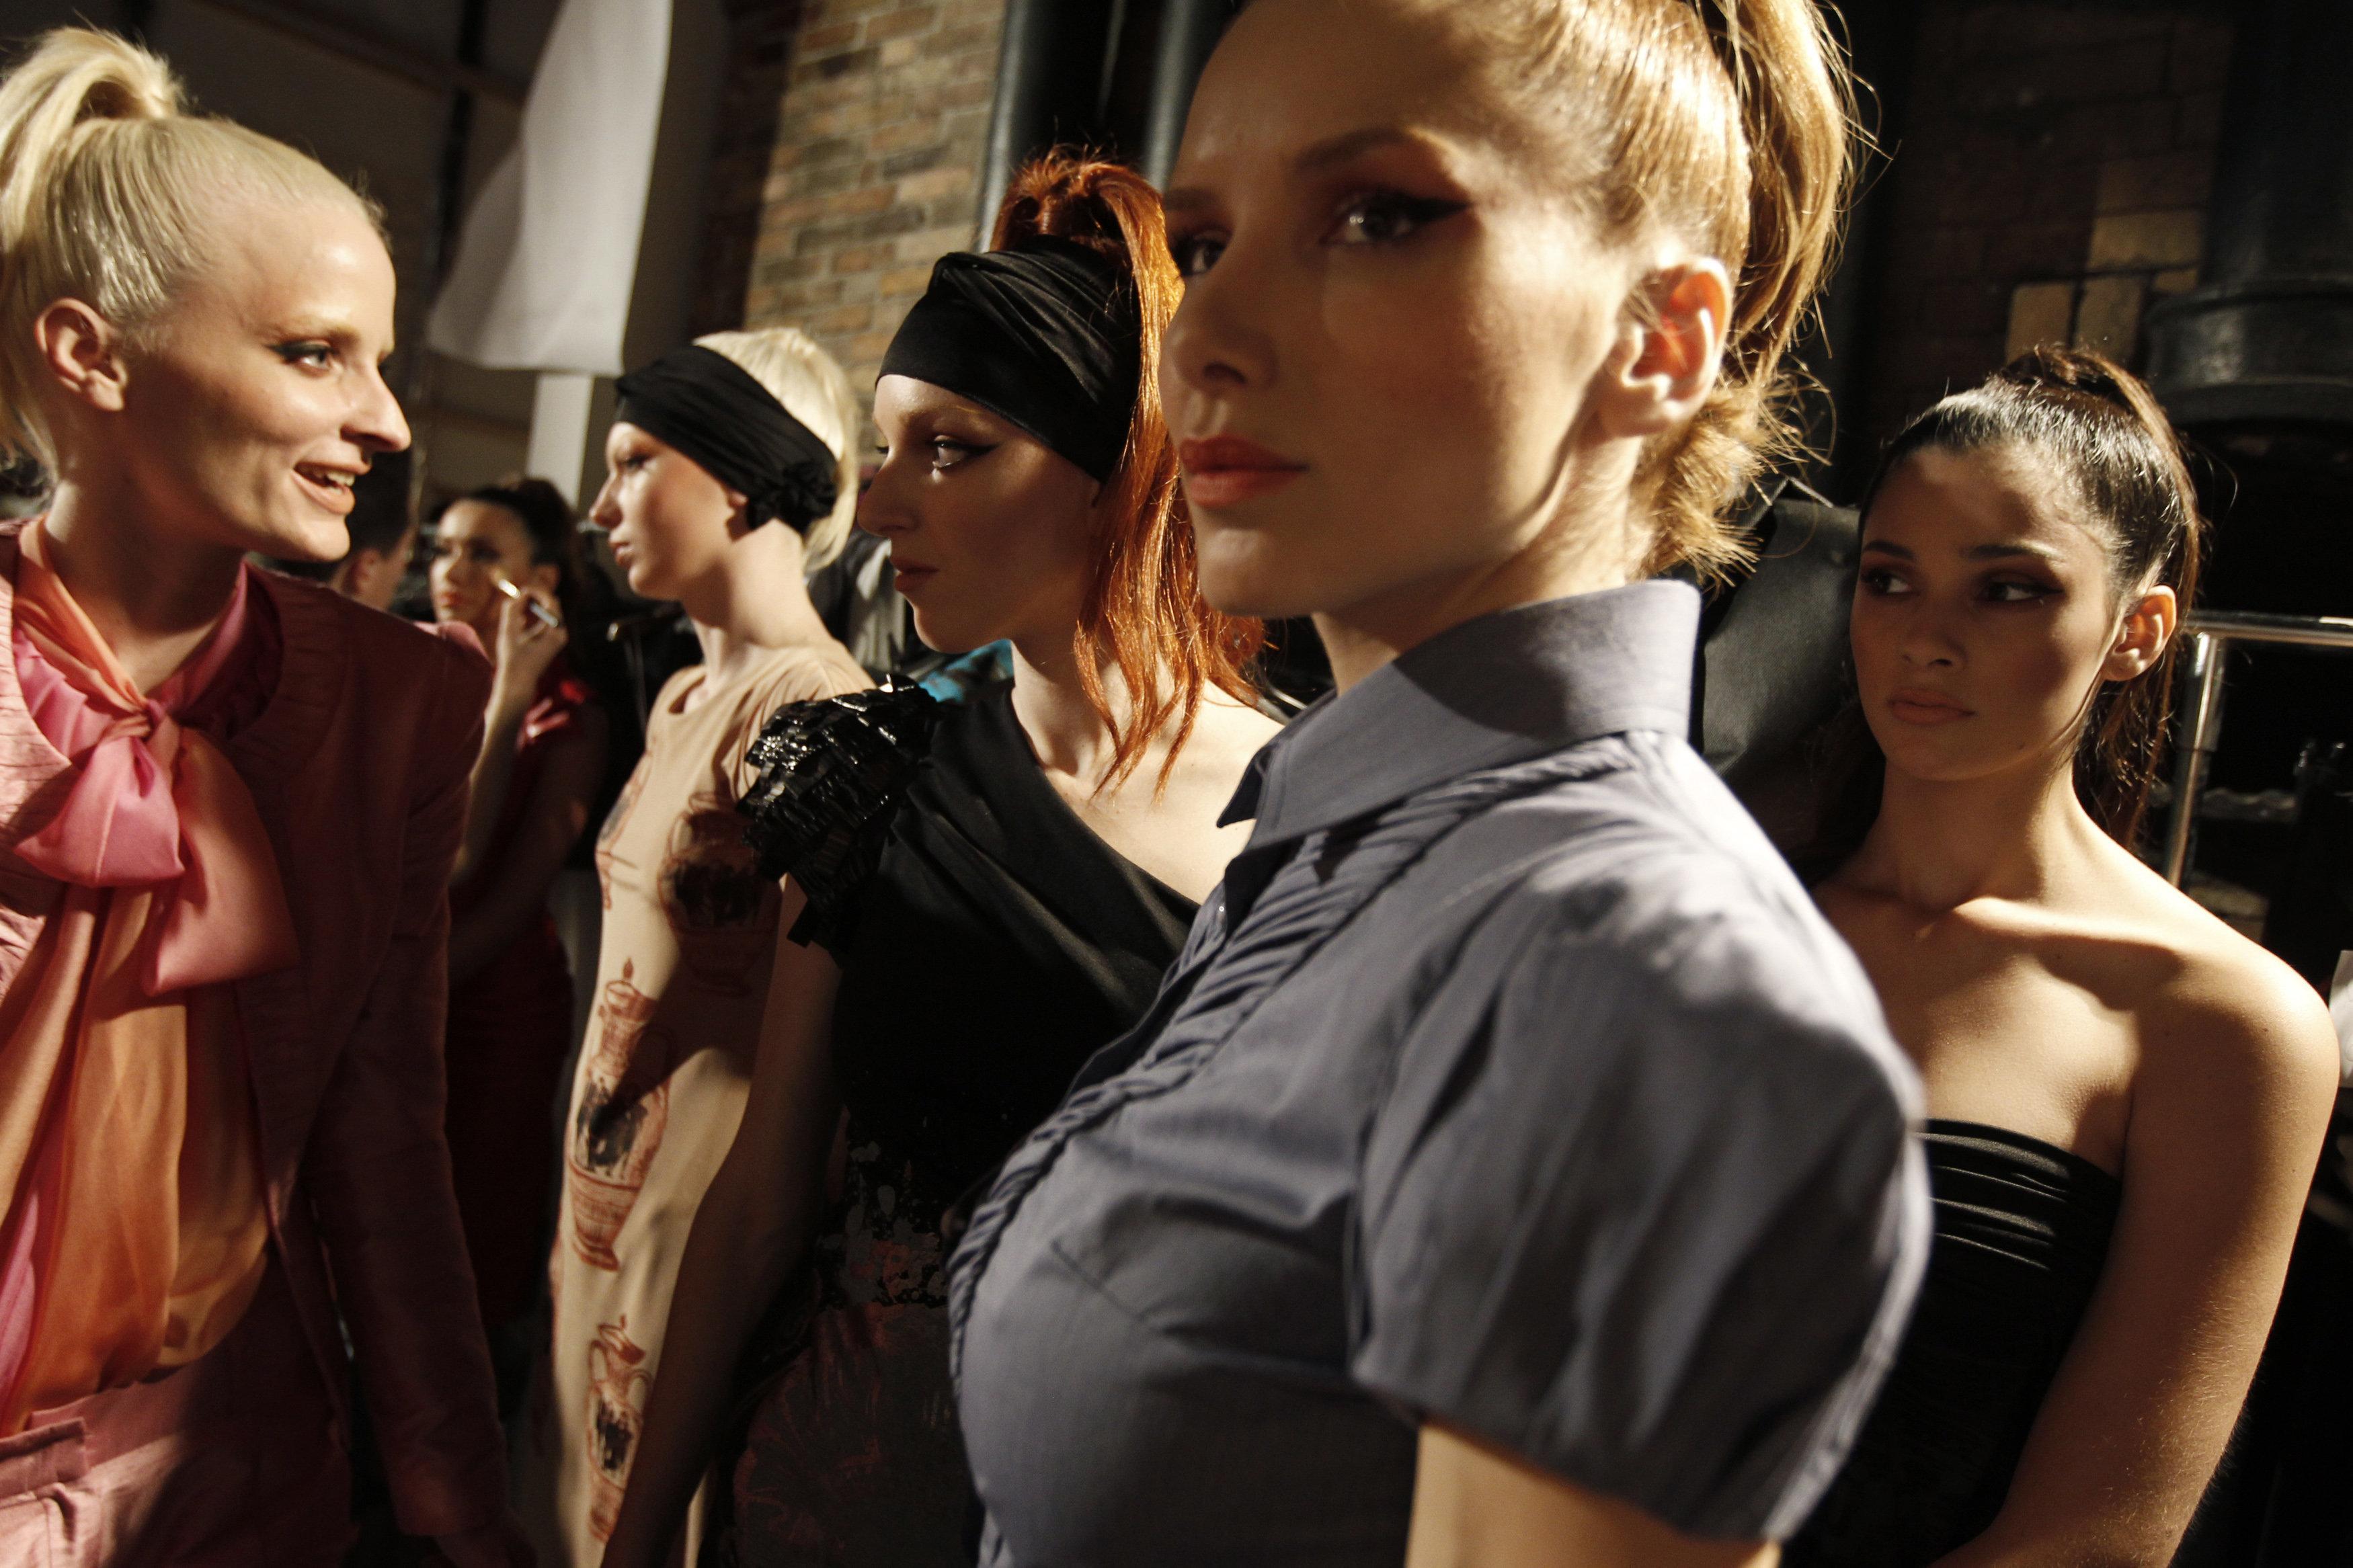 ΚΑΣ: Έγκριση για την επίδειξη μόδας του Κωστέτσου μπροστά από το